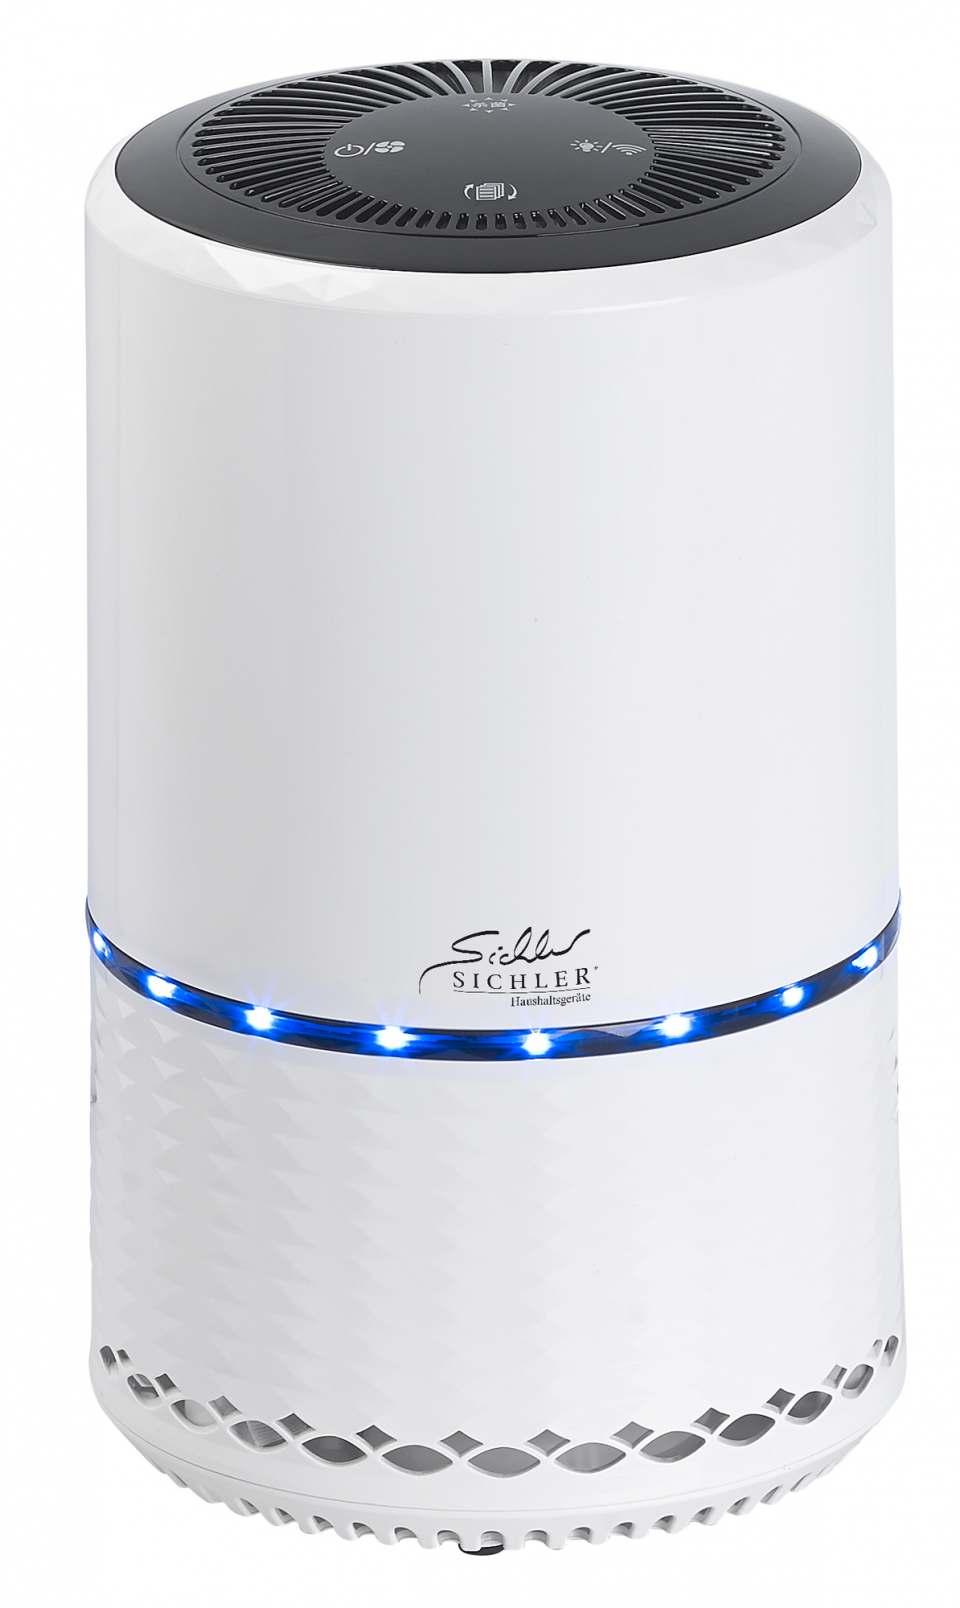 Sichler Luftreiniger LR-300.app mit HEPA Filter und Carbon-Filter.